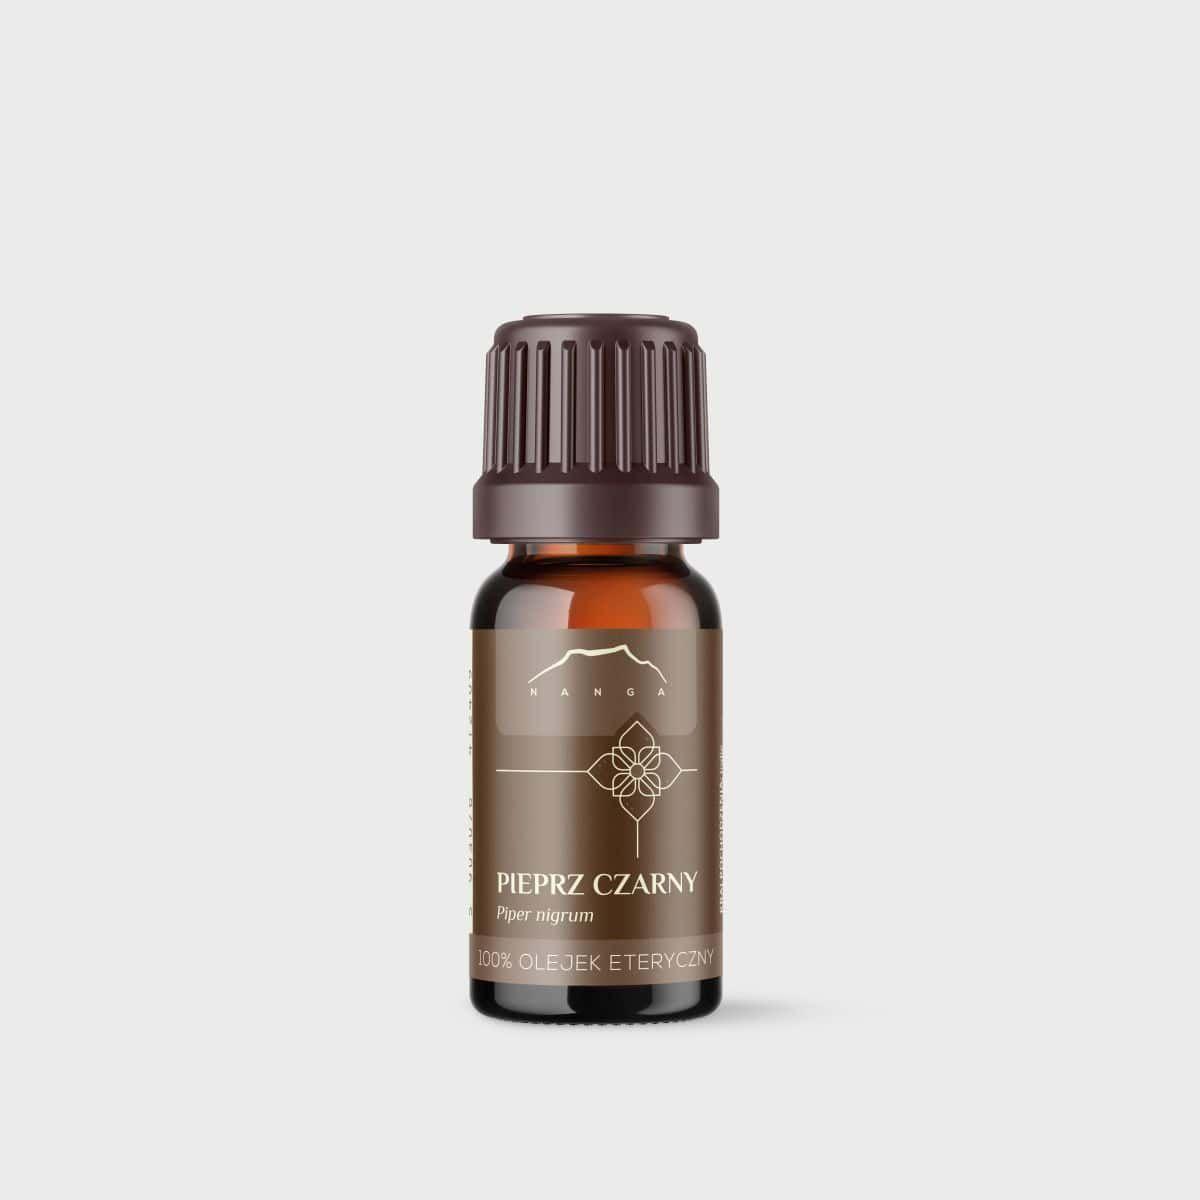 Olejek z pieprzu czarnego 100% eteryczny Nanga